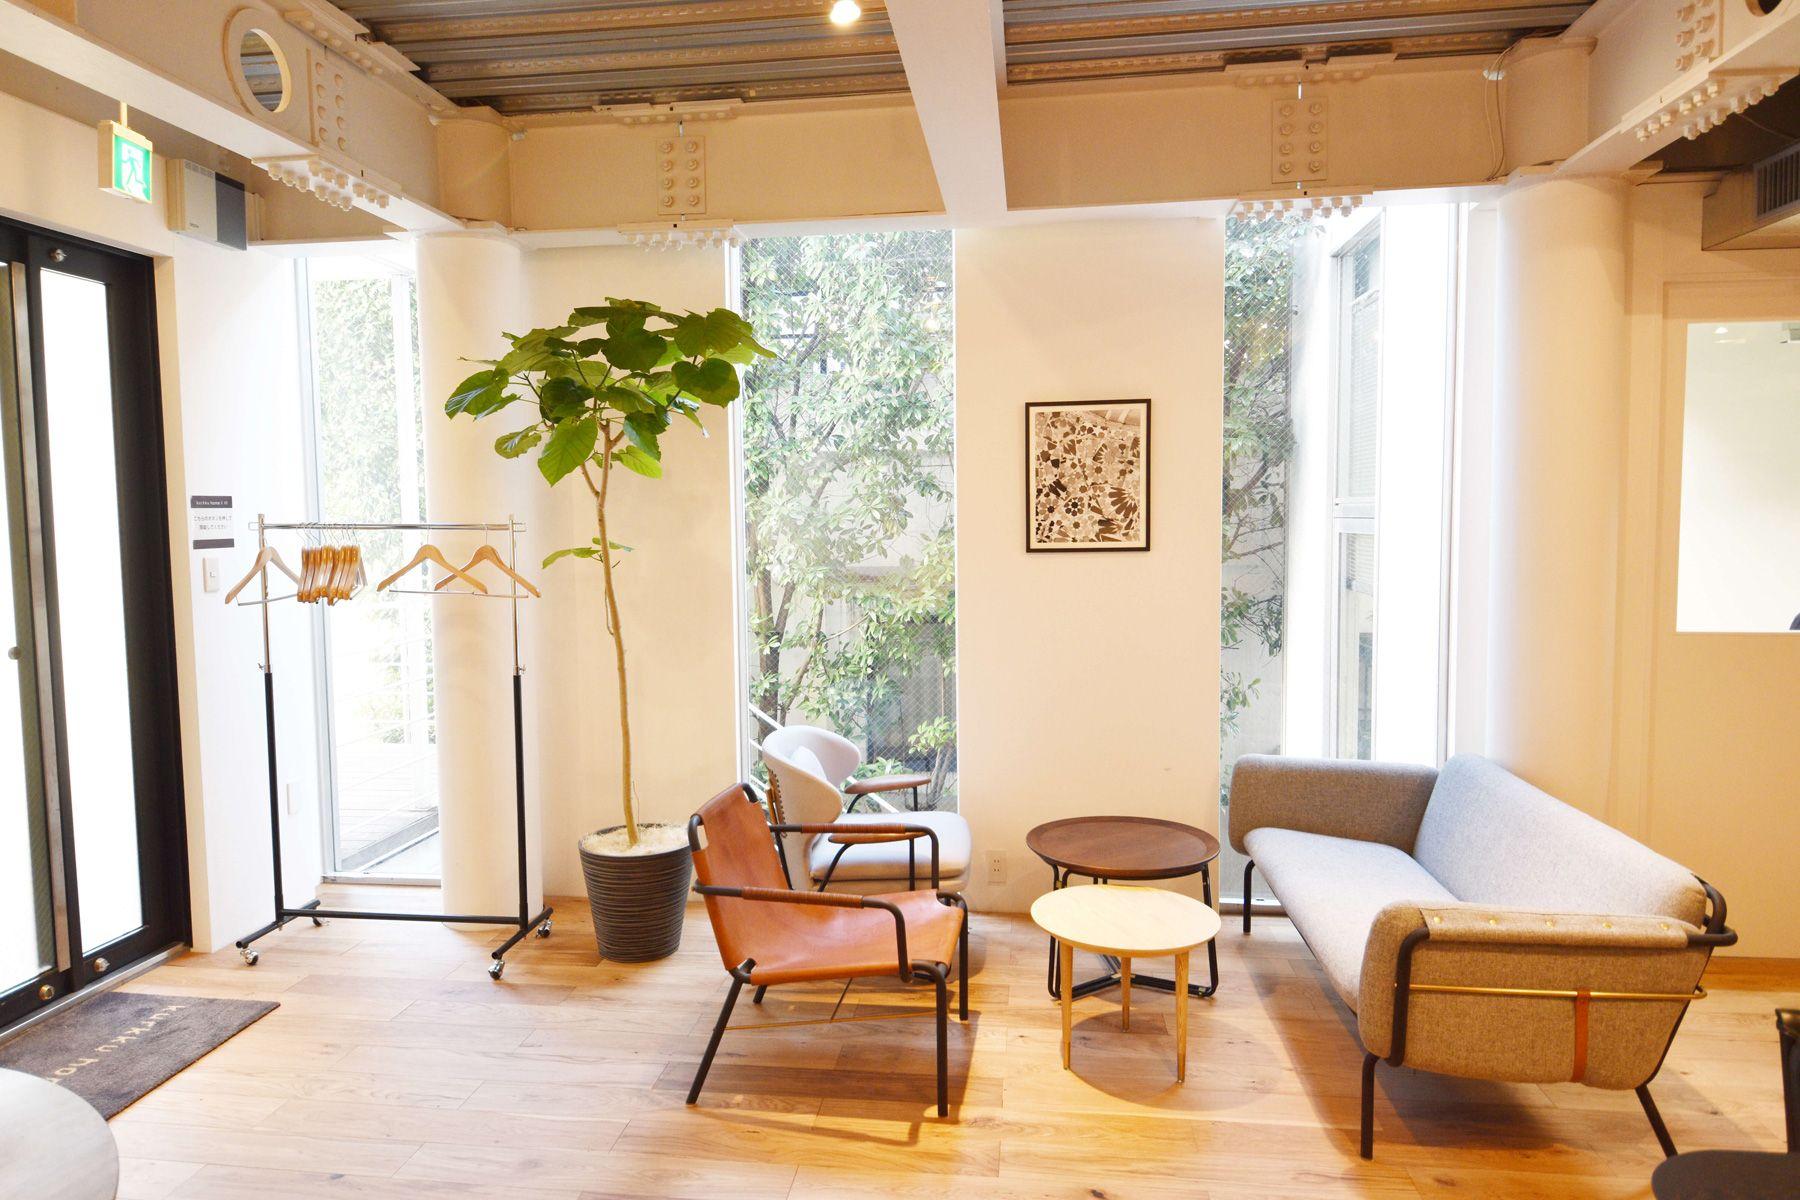 kurkku home(クルックホーム)2F work lounge